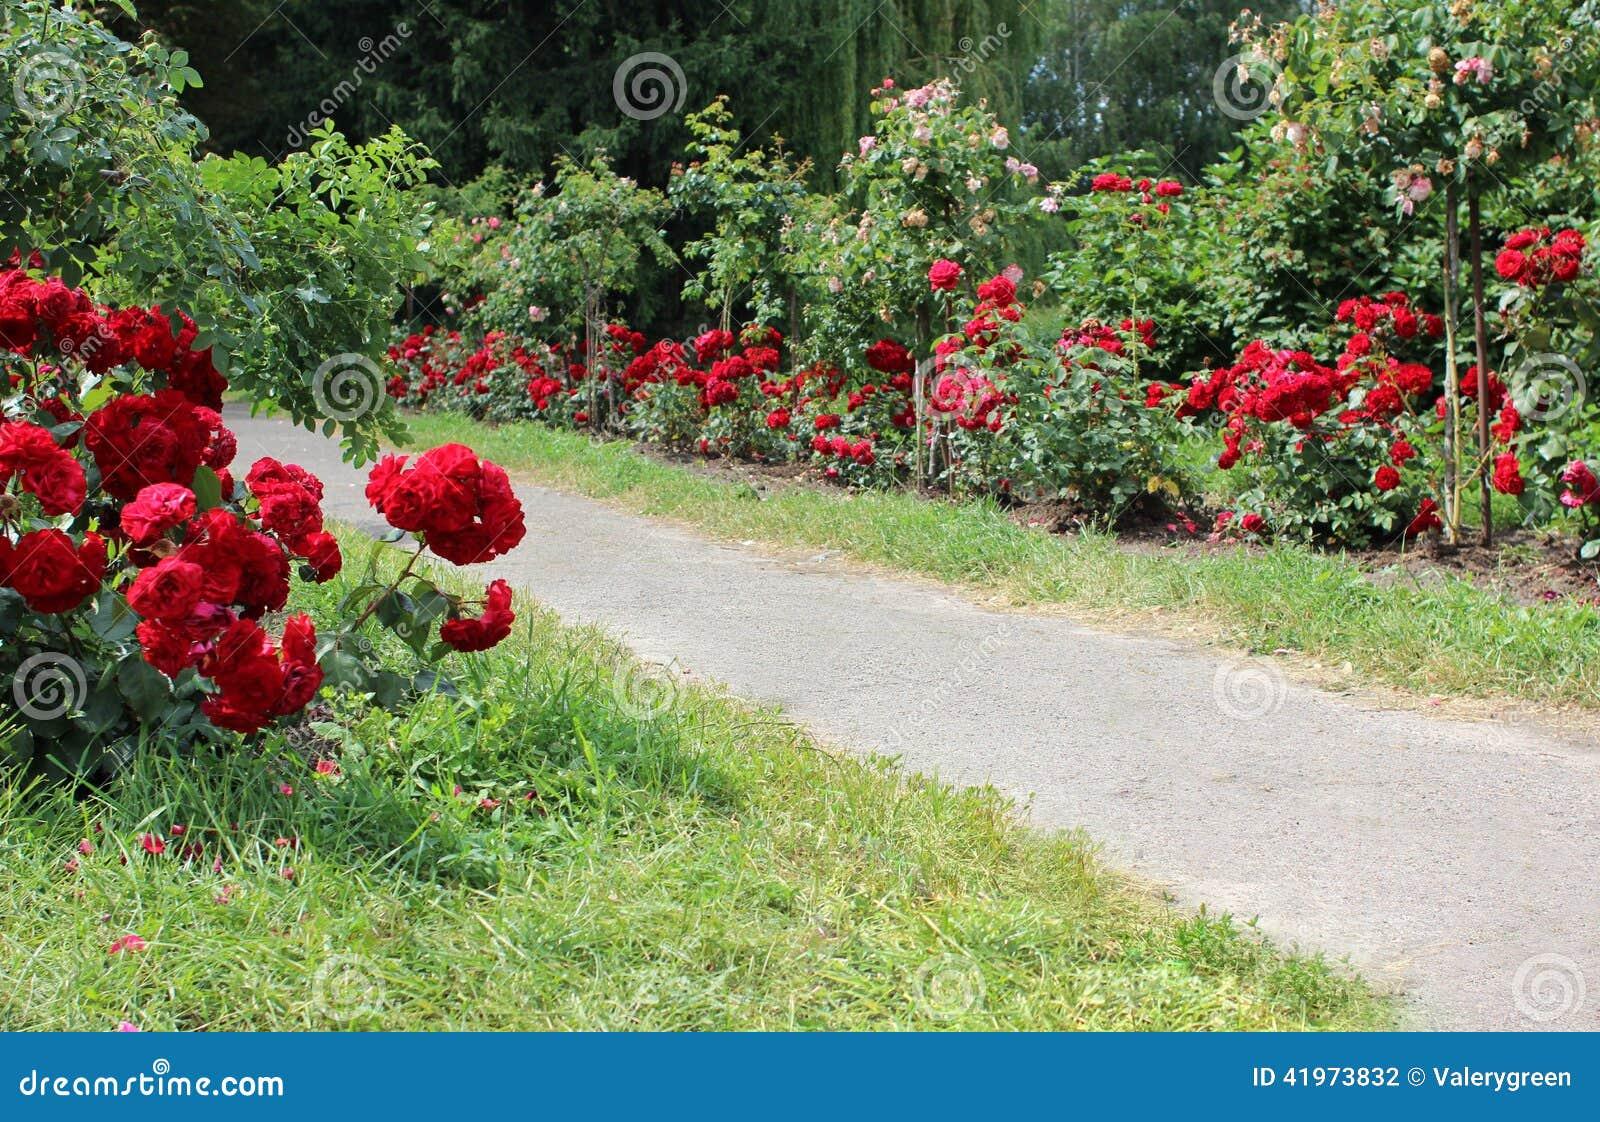 Sentiero per pedoni nel giardino di rose fotografia stock - Giardino con rose ...